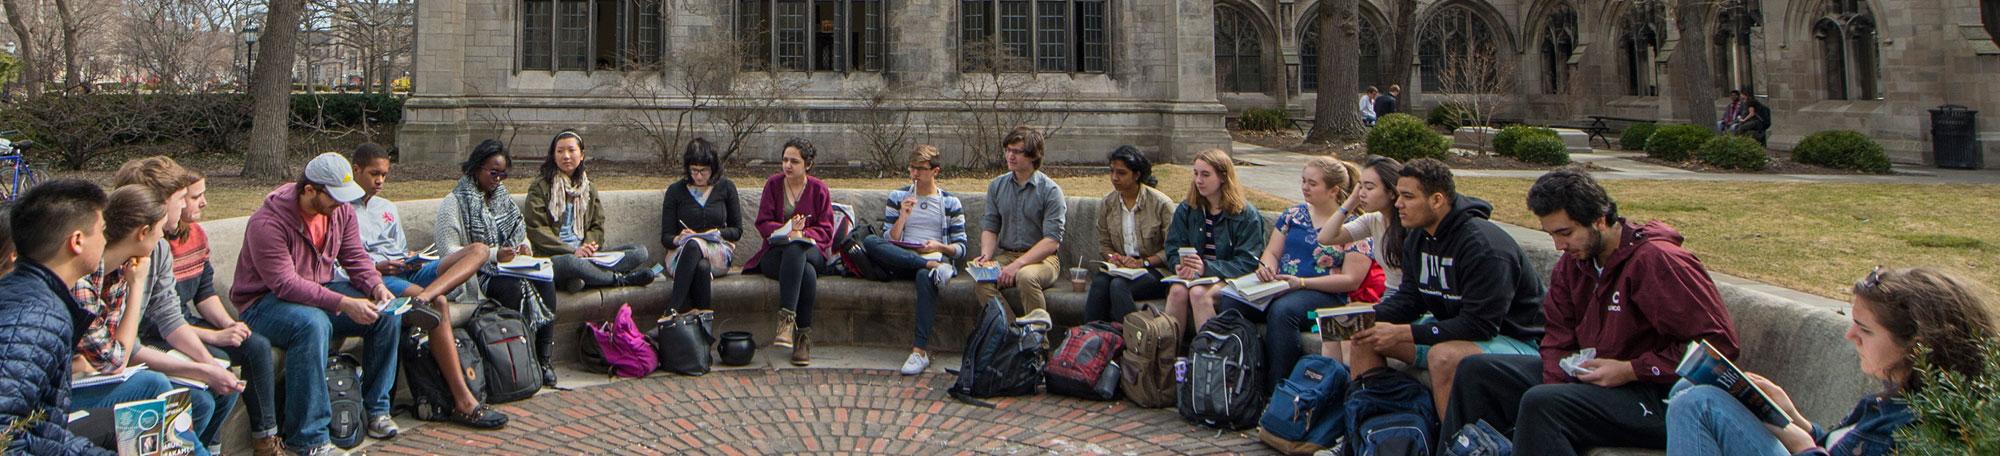 Undergraduate class at UChicago